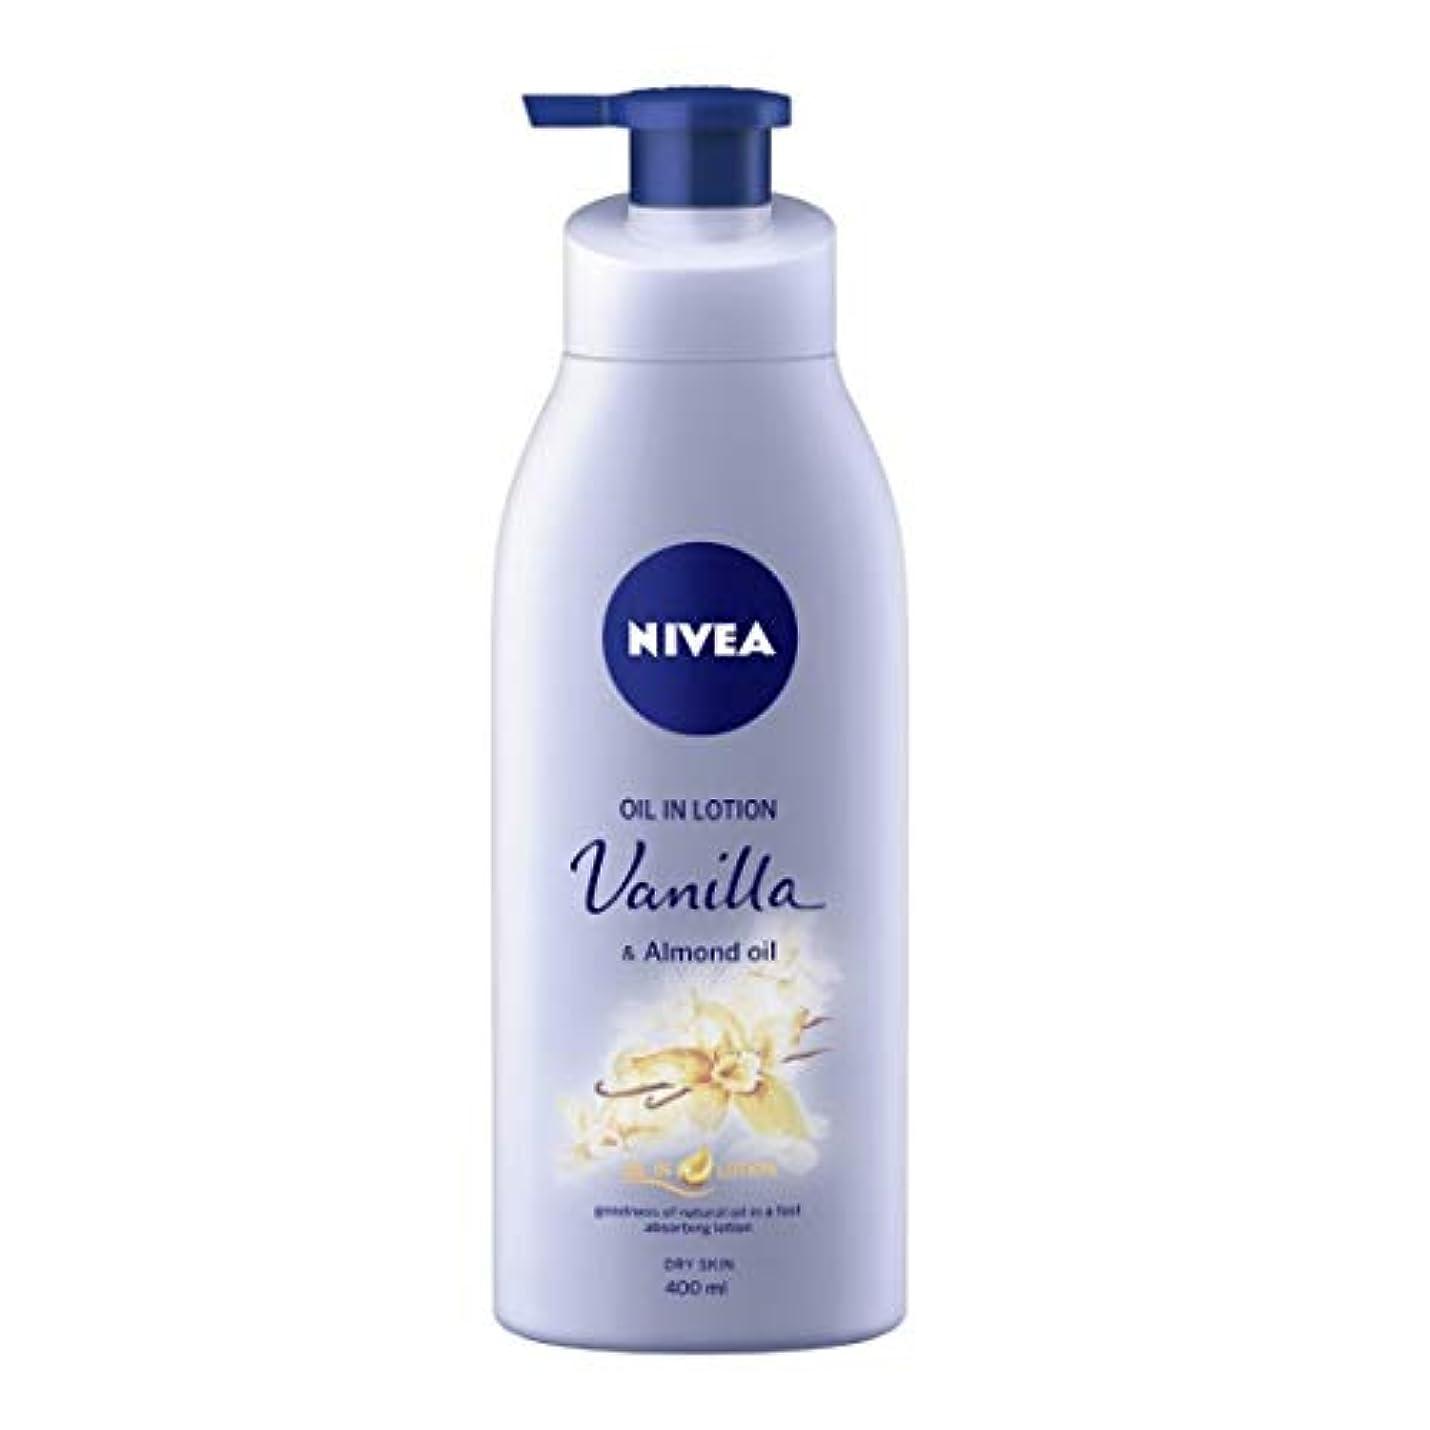 スナッチスタンド余韻NIVEA Oil in Lotion, Vanilla and Almond Oil, 400ml